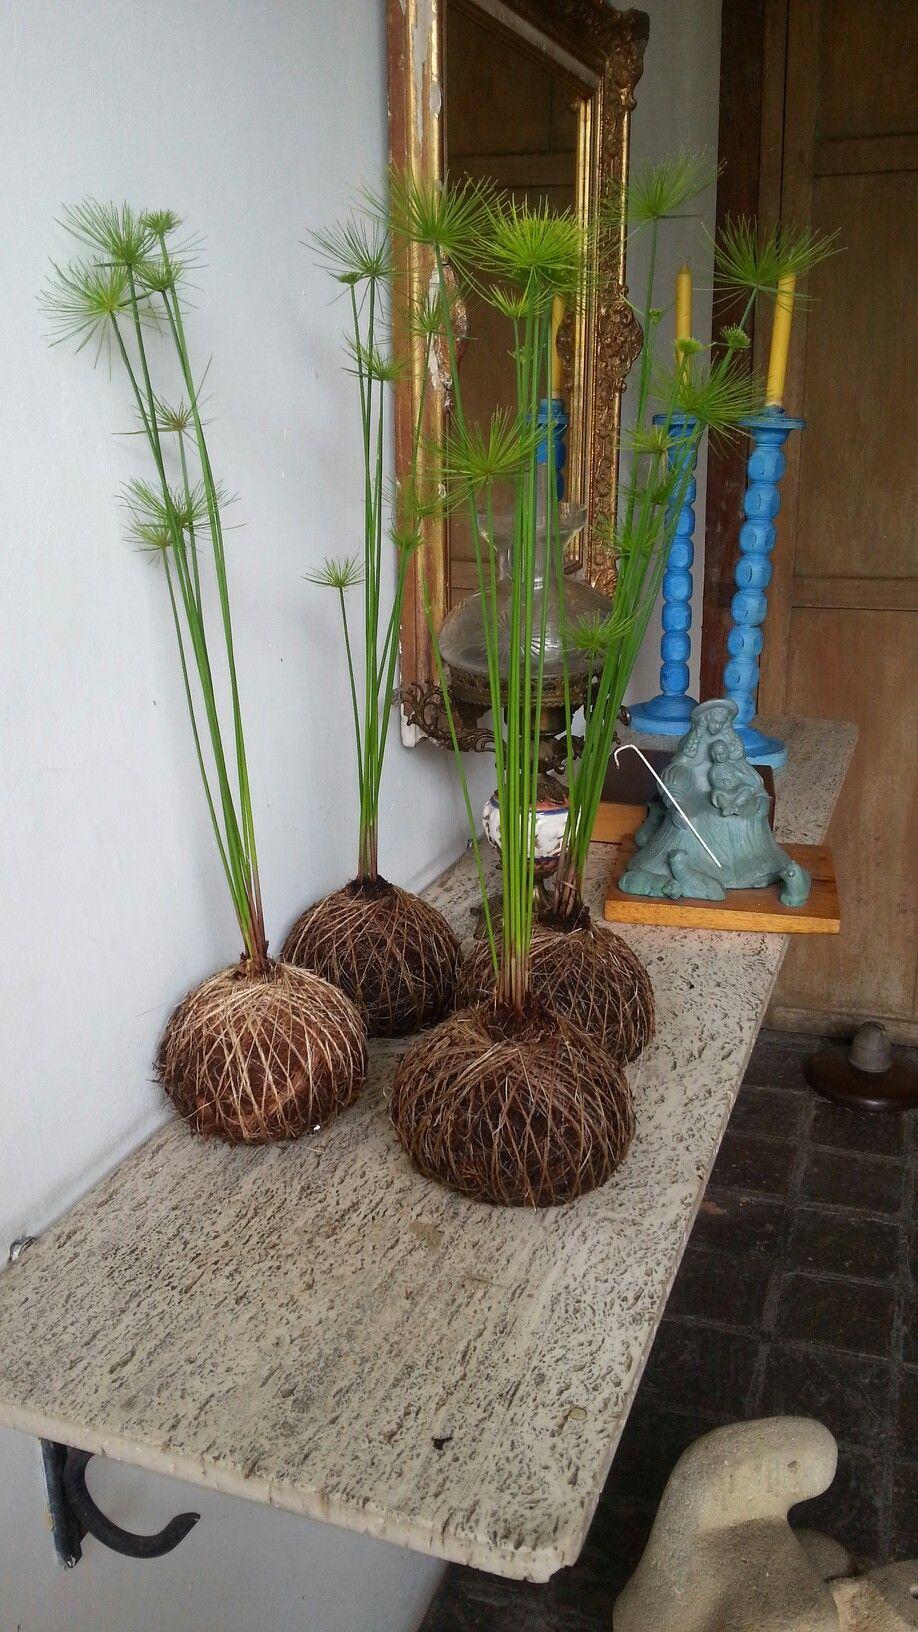 Kokedama papiro enano huerta jardin mini jardins for Enano jardin